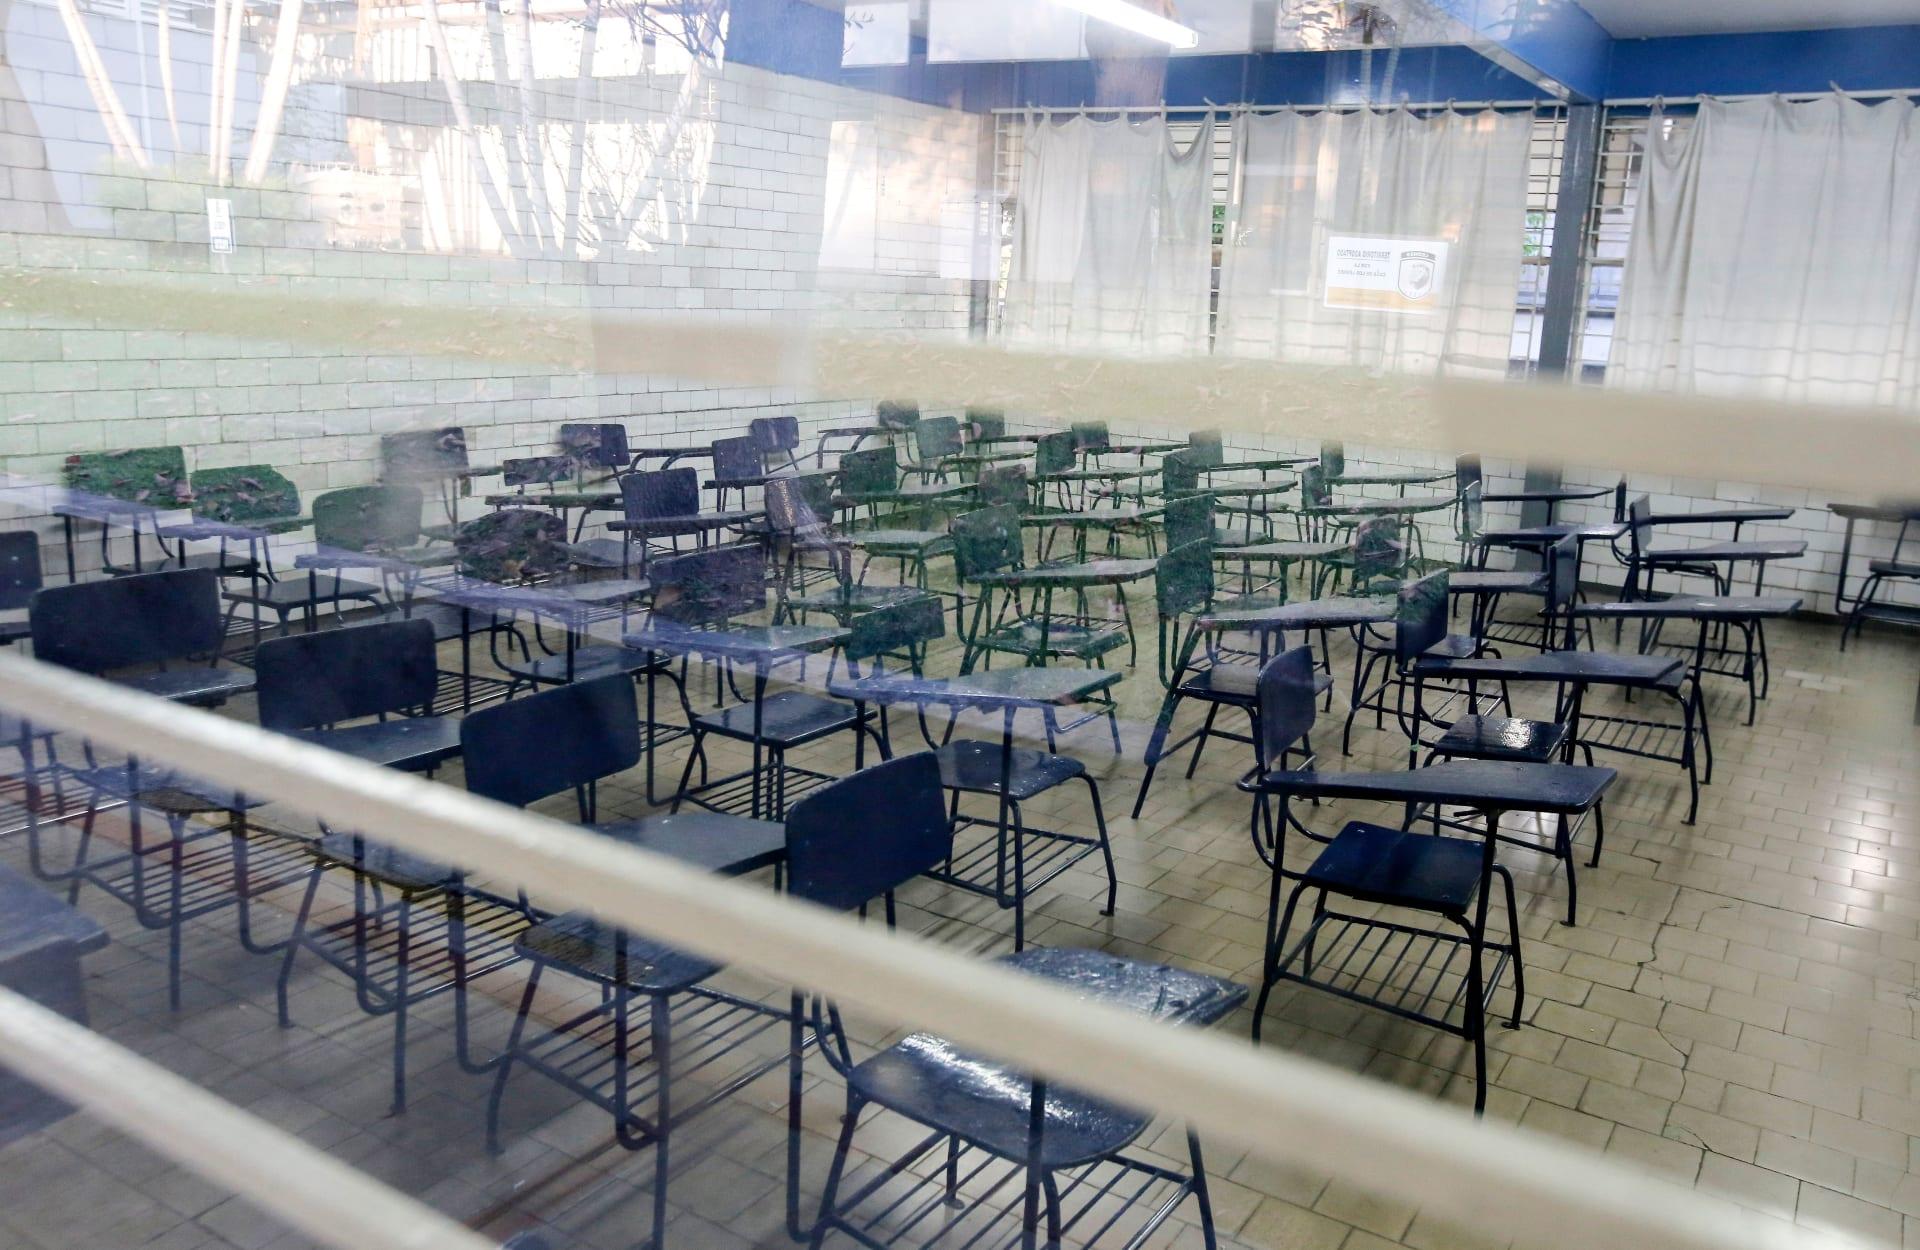 اليونسكو: أكثر من 849 مليون طفل وشاب تأثروا بإغلاق المدارس والجامعات بسبب فيروس كورونا